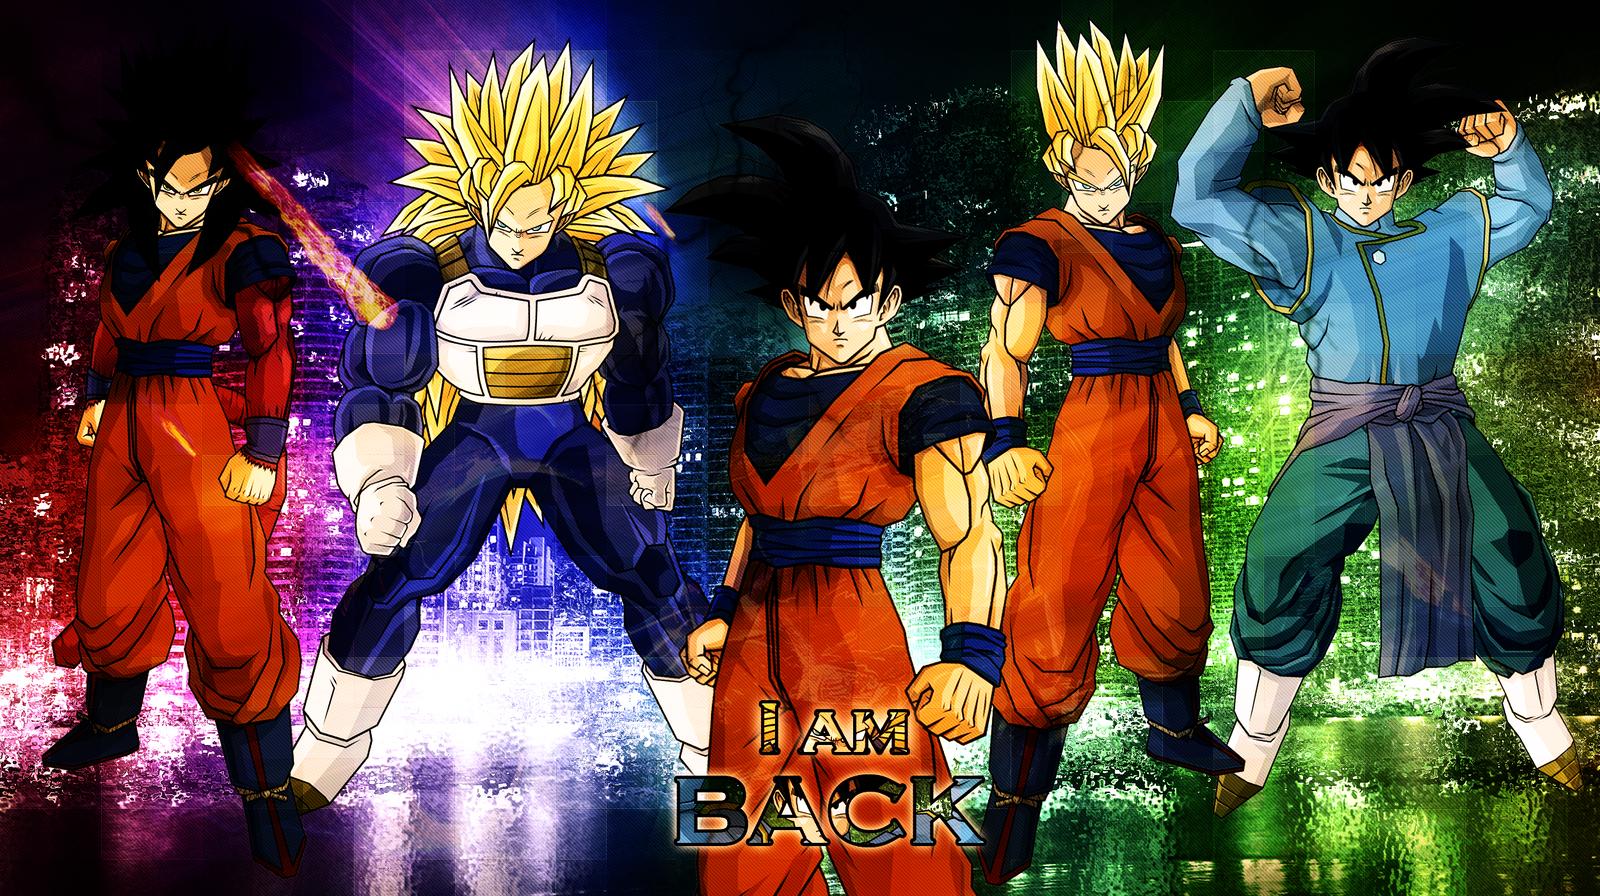 I Am Back Wallpaper Free Download: I Am Back Wallpaper By DBZArtist94 On DeviantArt